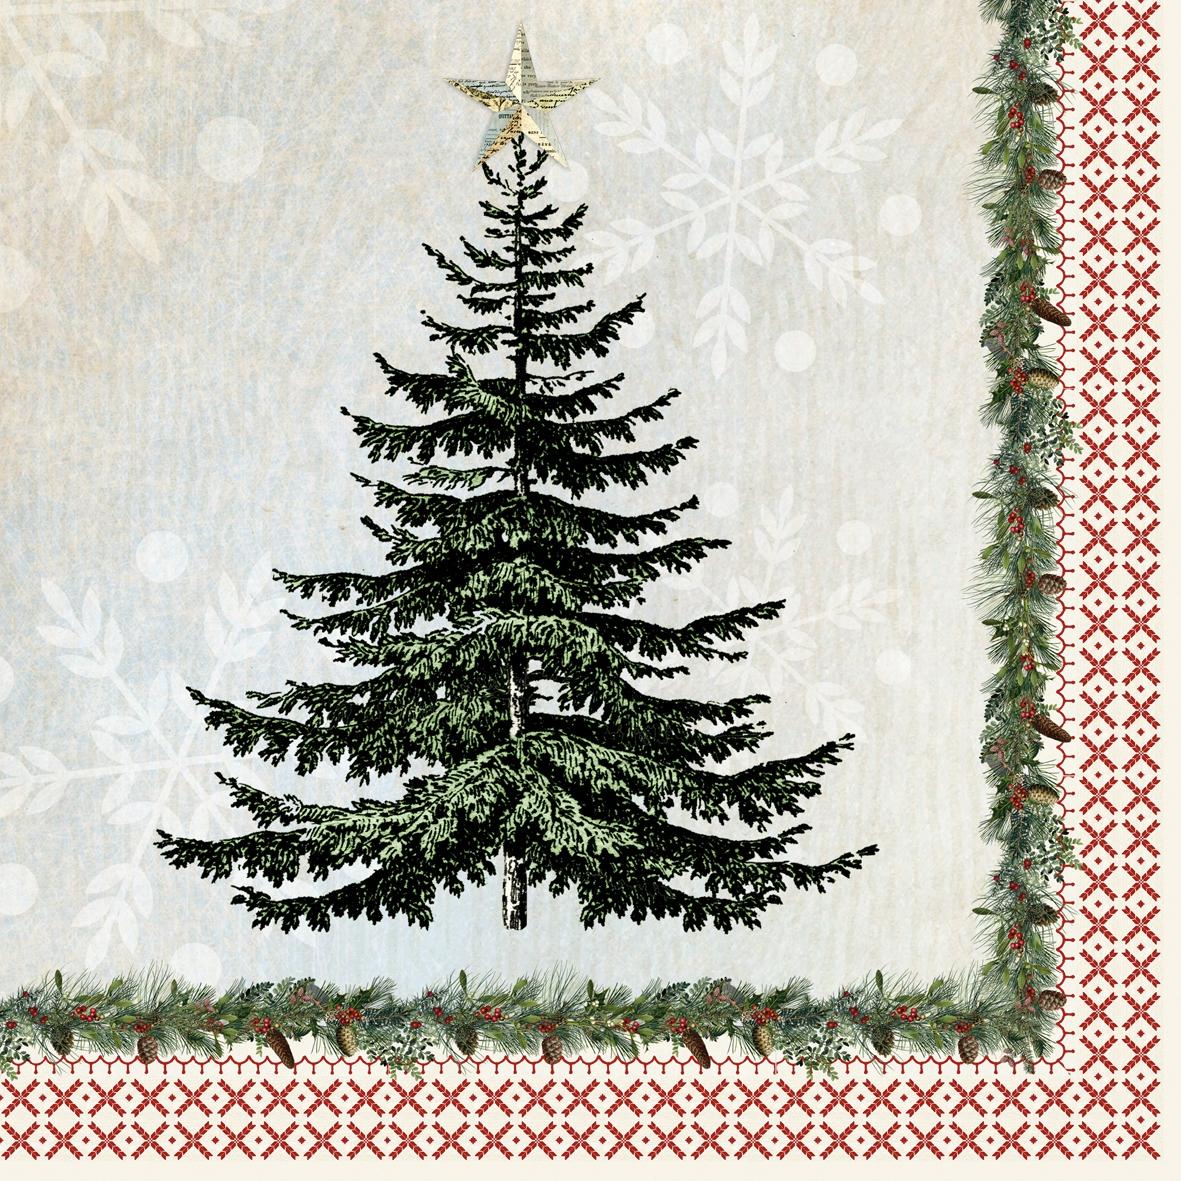 Cocktail Servietten Winter Lodge Tree,  Weihnachten - Weihnachtsbaum,  Weihnachten,  cocktail servietten,  Weihnachtsbaum,  Tannenbaum